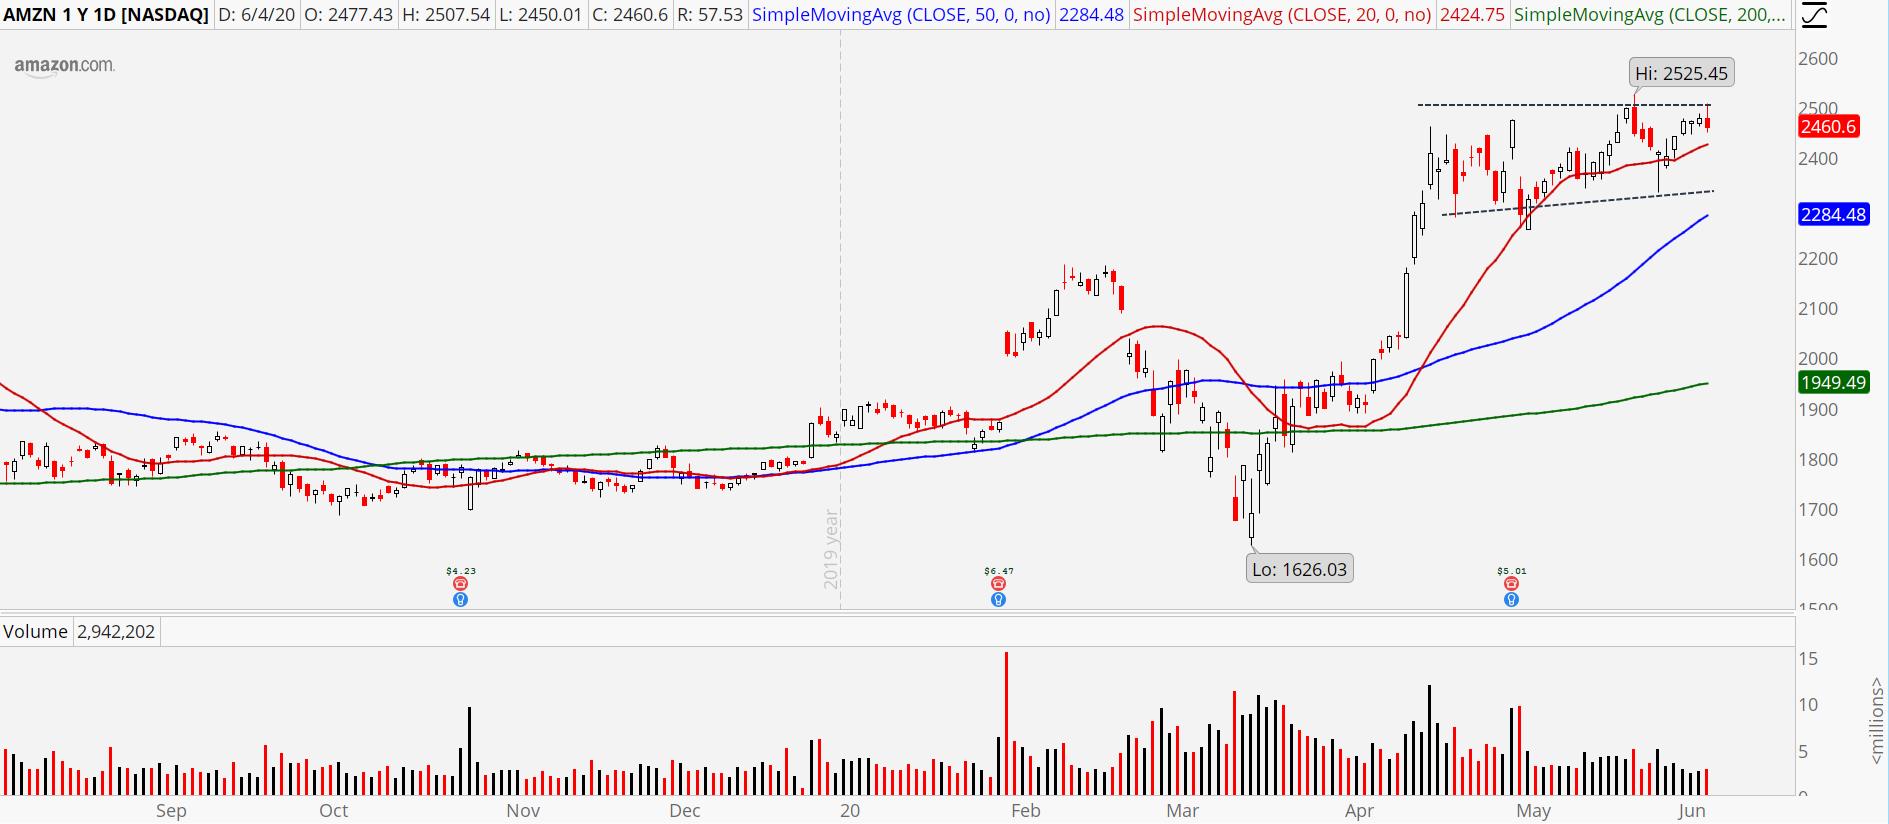 nasdaq stocks Amazon (AMZN)